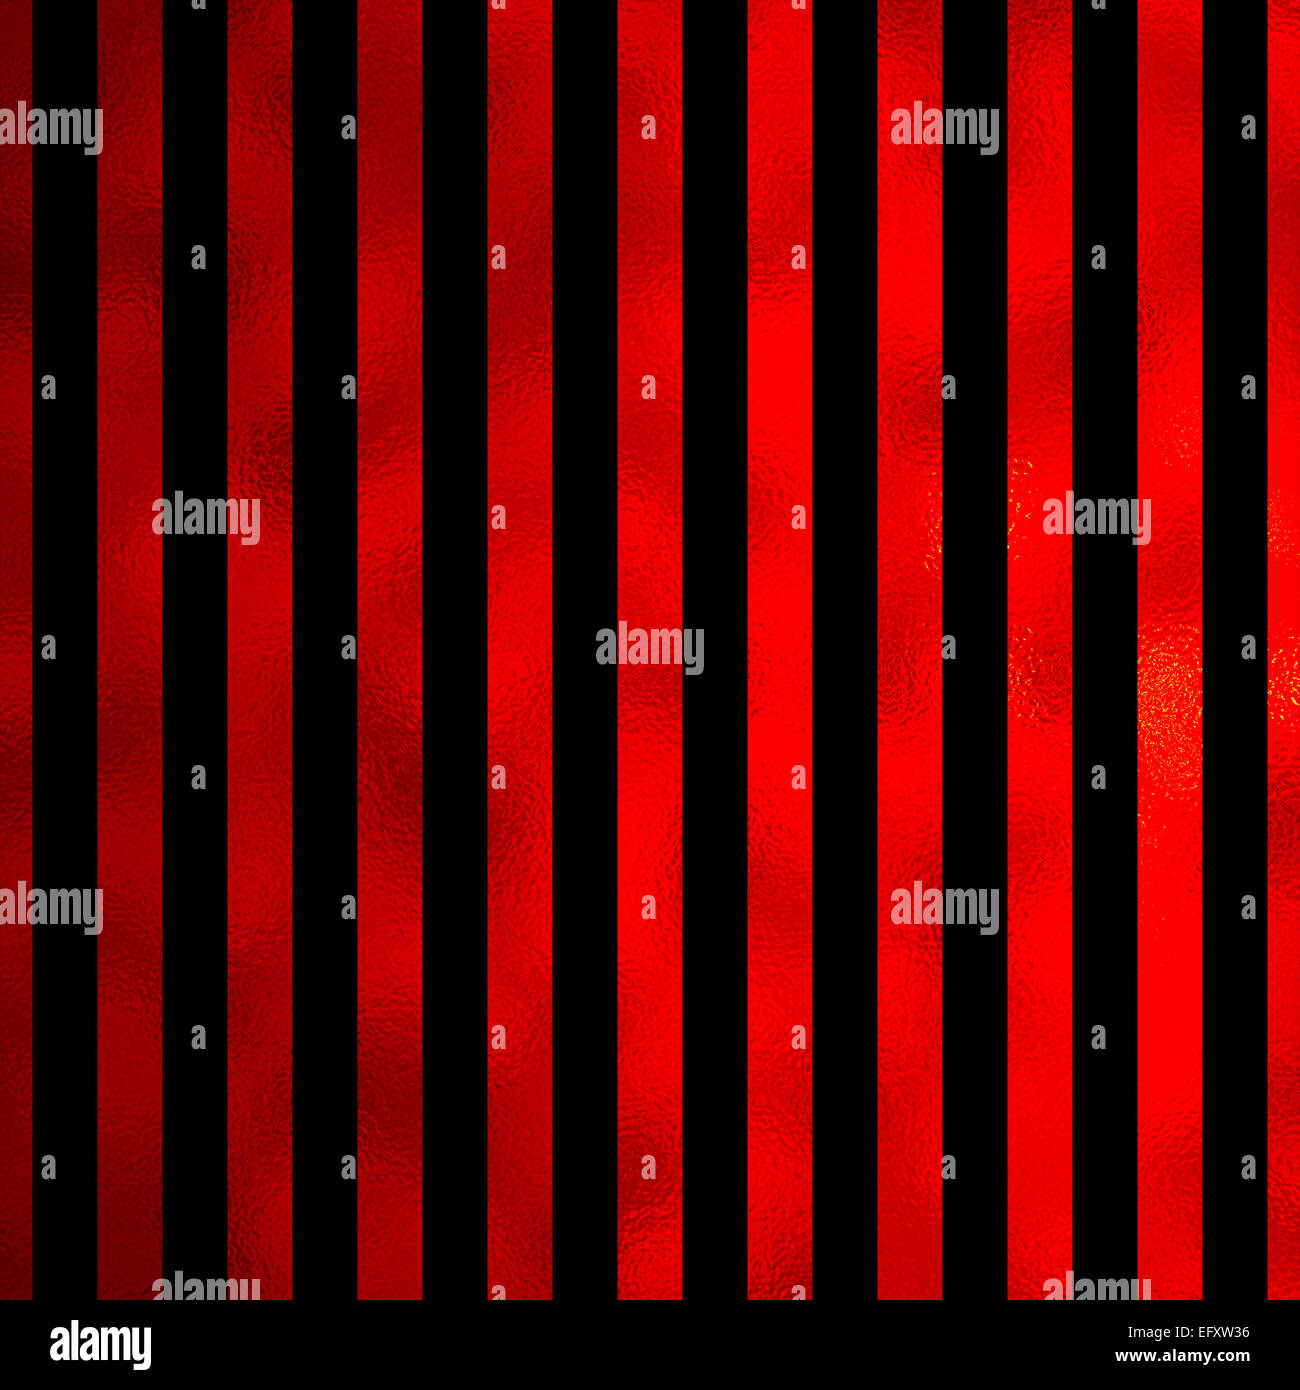 Rosso E Nero Metallizzato In Similpelle Di Strisce Di Lamina Sfondo